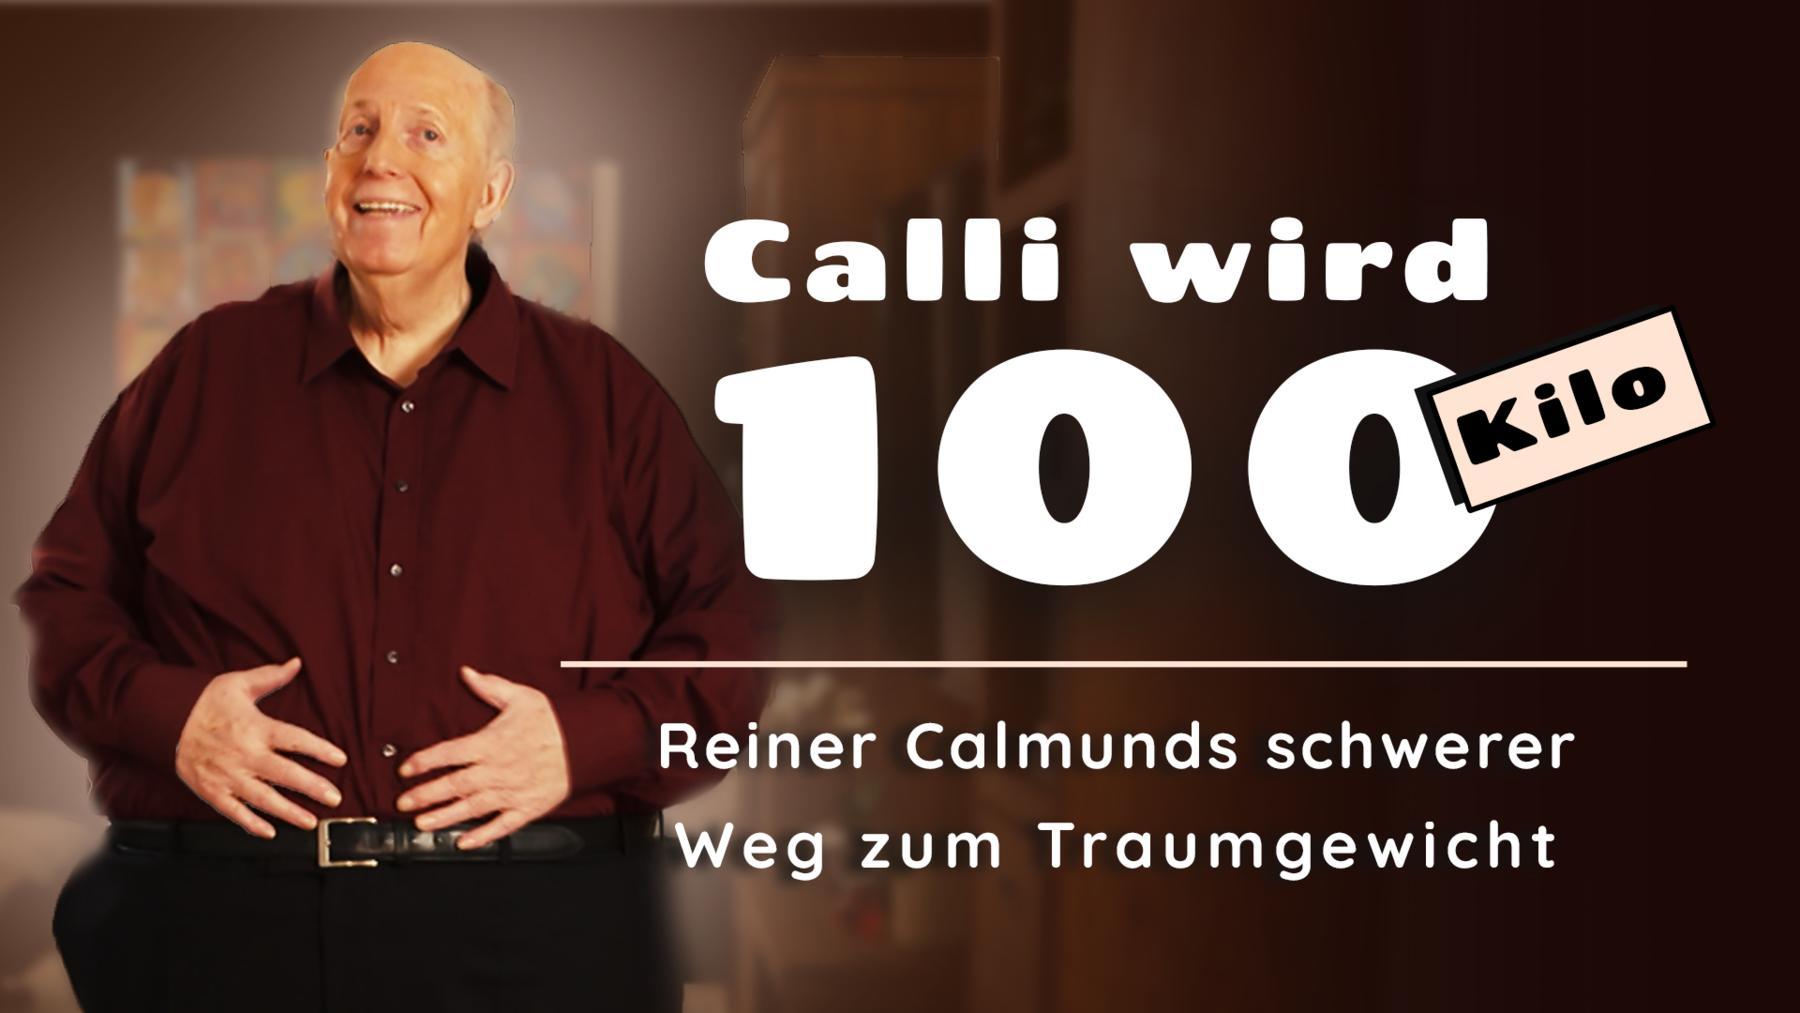 Calli wird 100(Kilo) – Reiner Calmunds schwerer Weg zum Traumgewicht - die erste Halbzeit